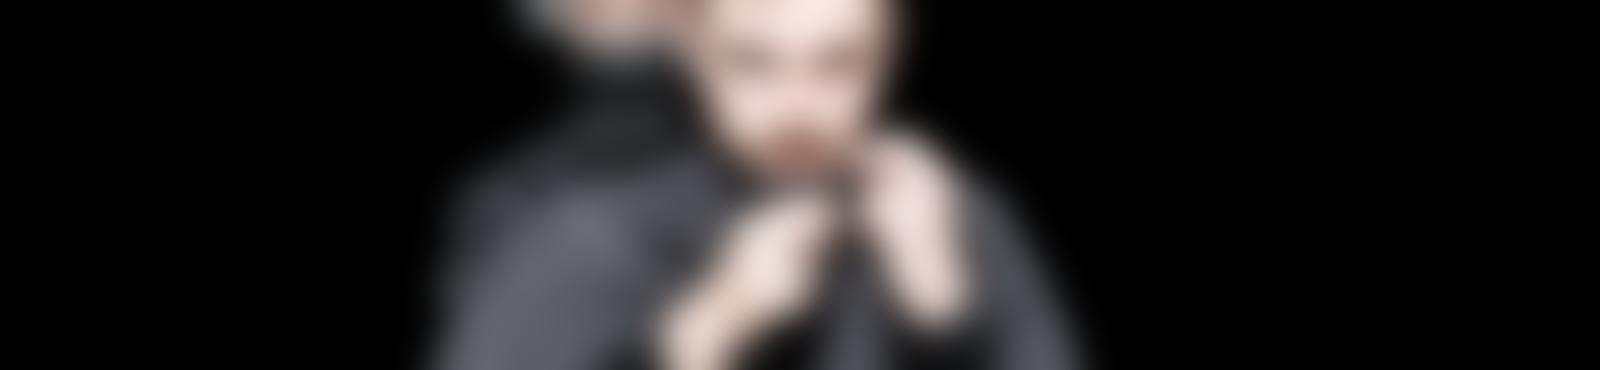 Blurred 3a36a702 9562 412a 8286 530683a493dc